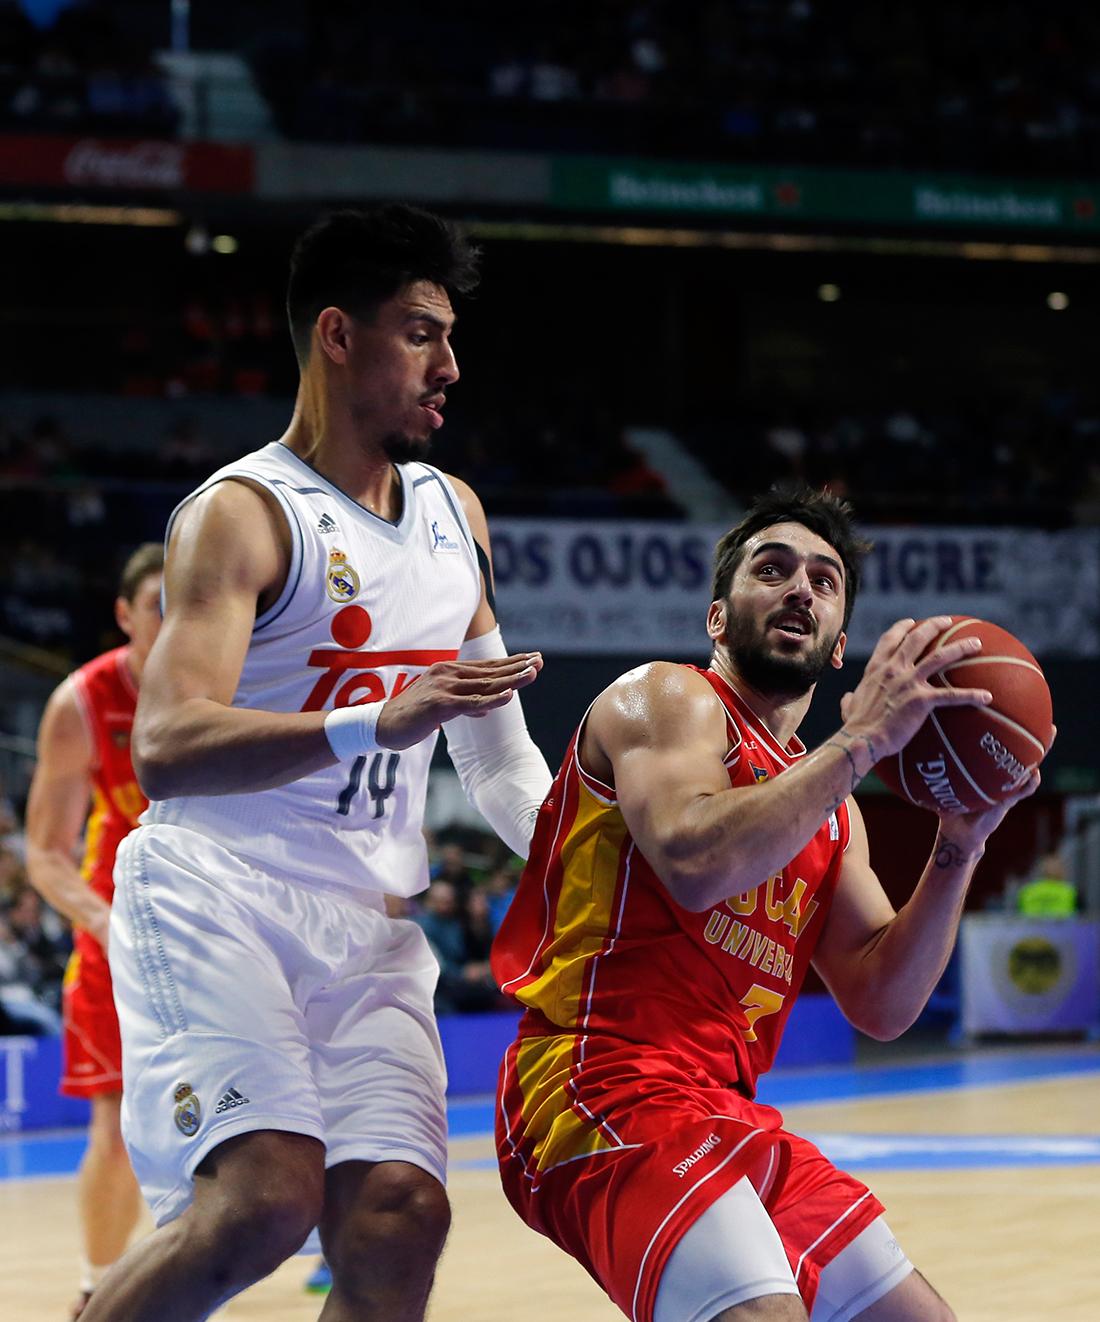 El mexicano Gustavo Ayón fue titular y en 20 minutos colaboró con 10 puntos y cinco rebotes.